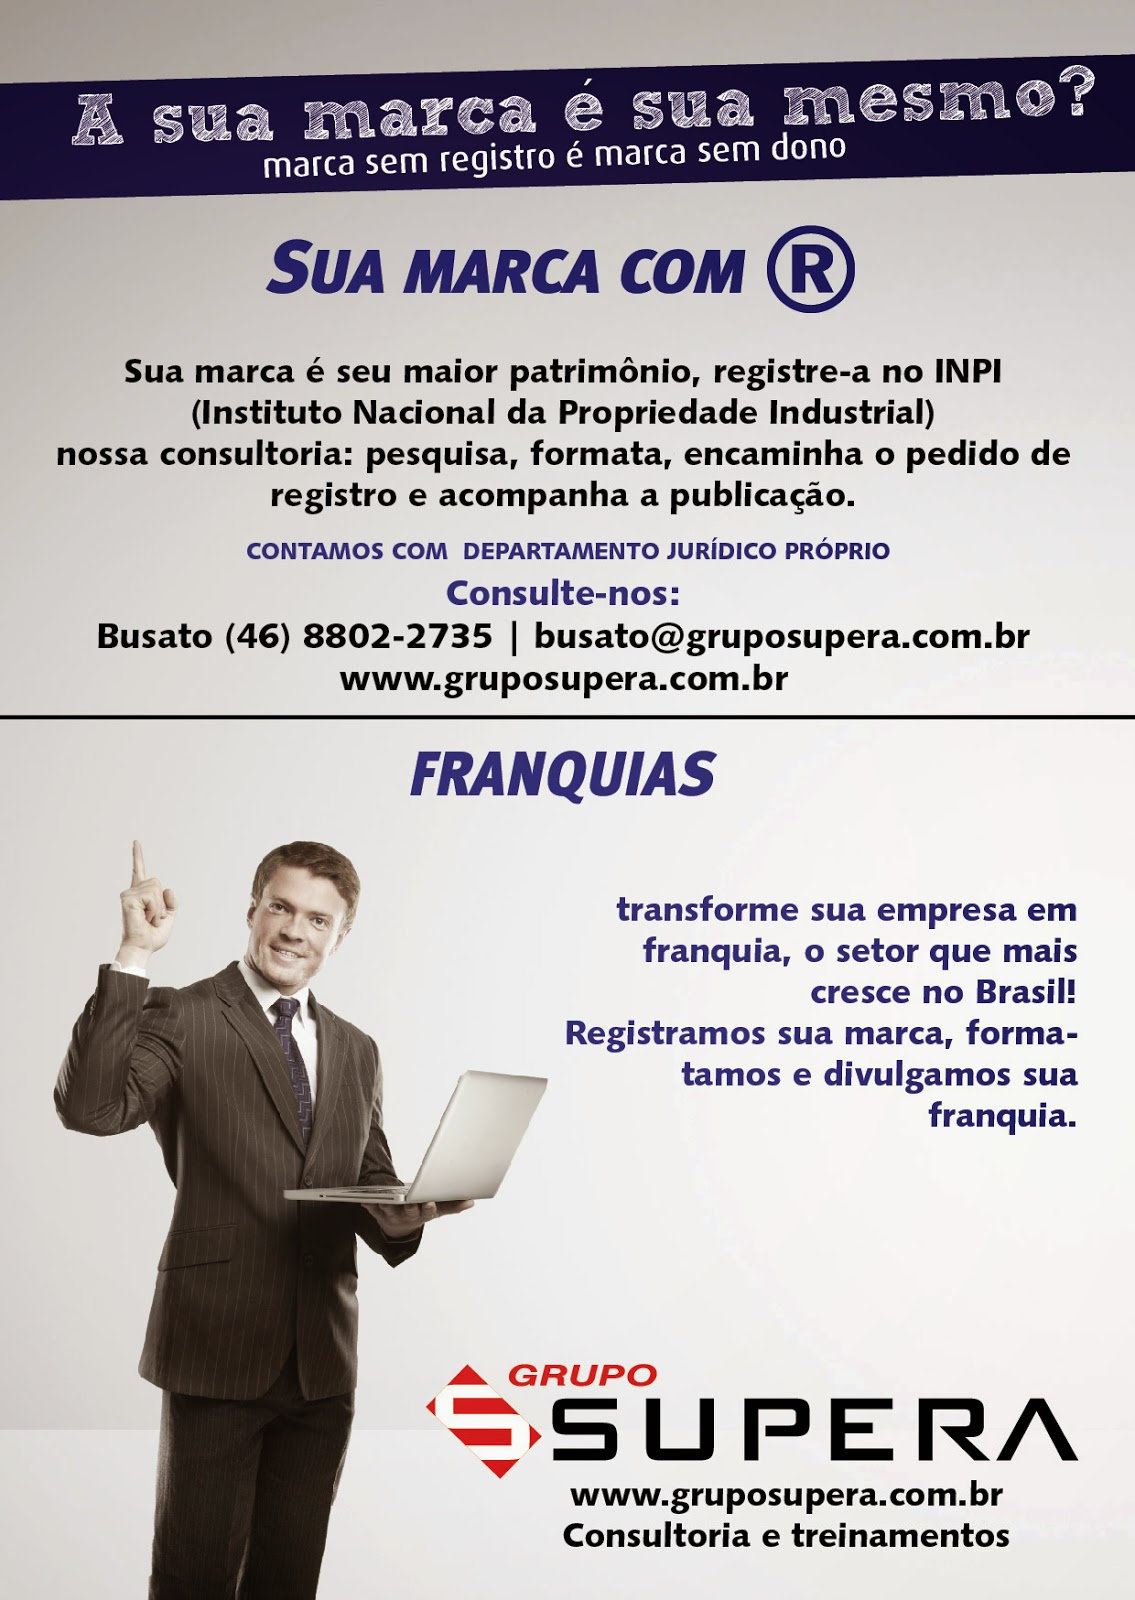 registro de marcas, formatação de franquia, franquias, franchising, venda de franquia, microfranquia, inpi